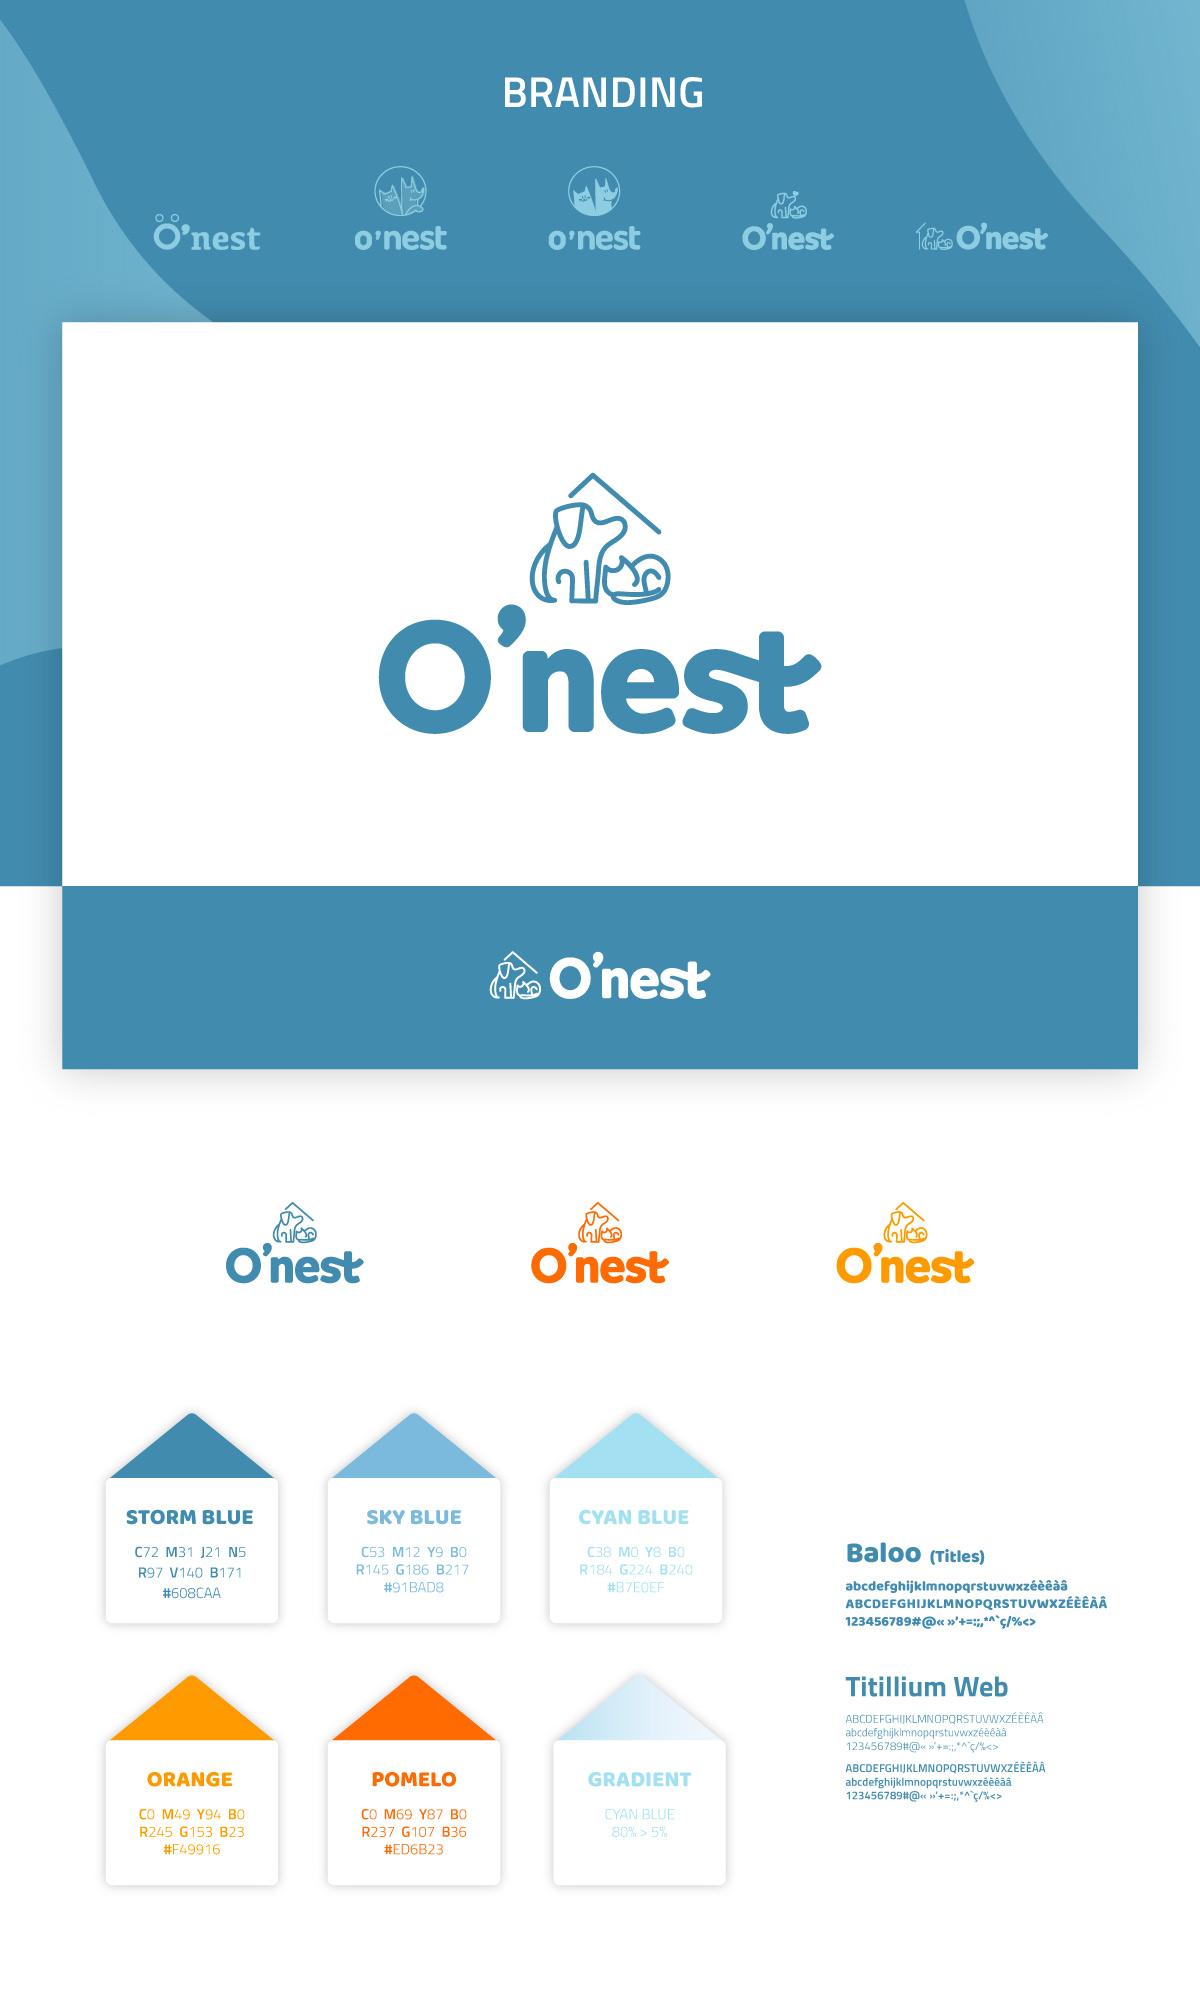 onest-1